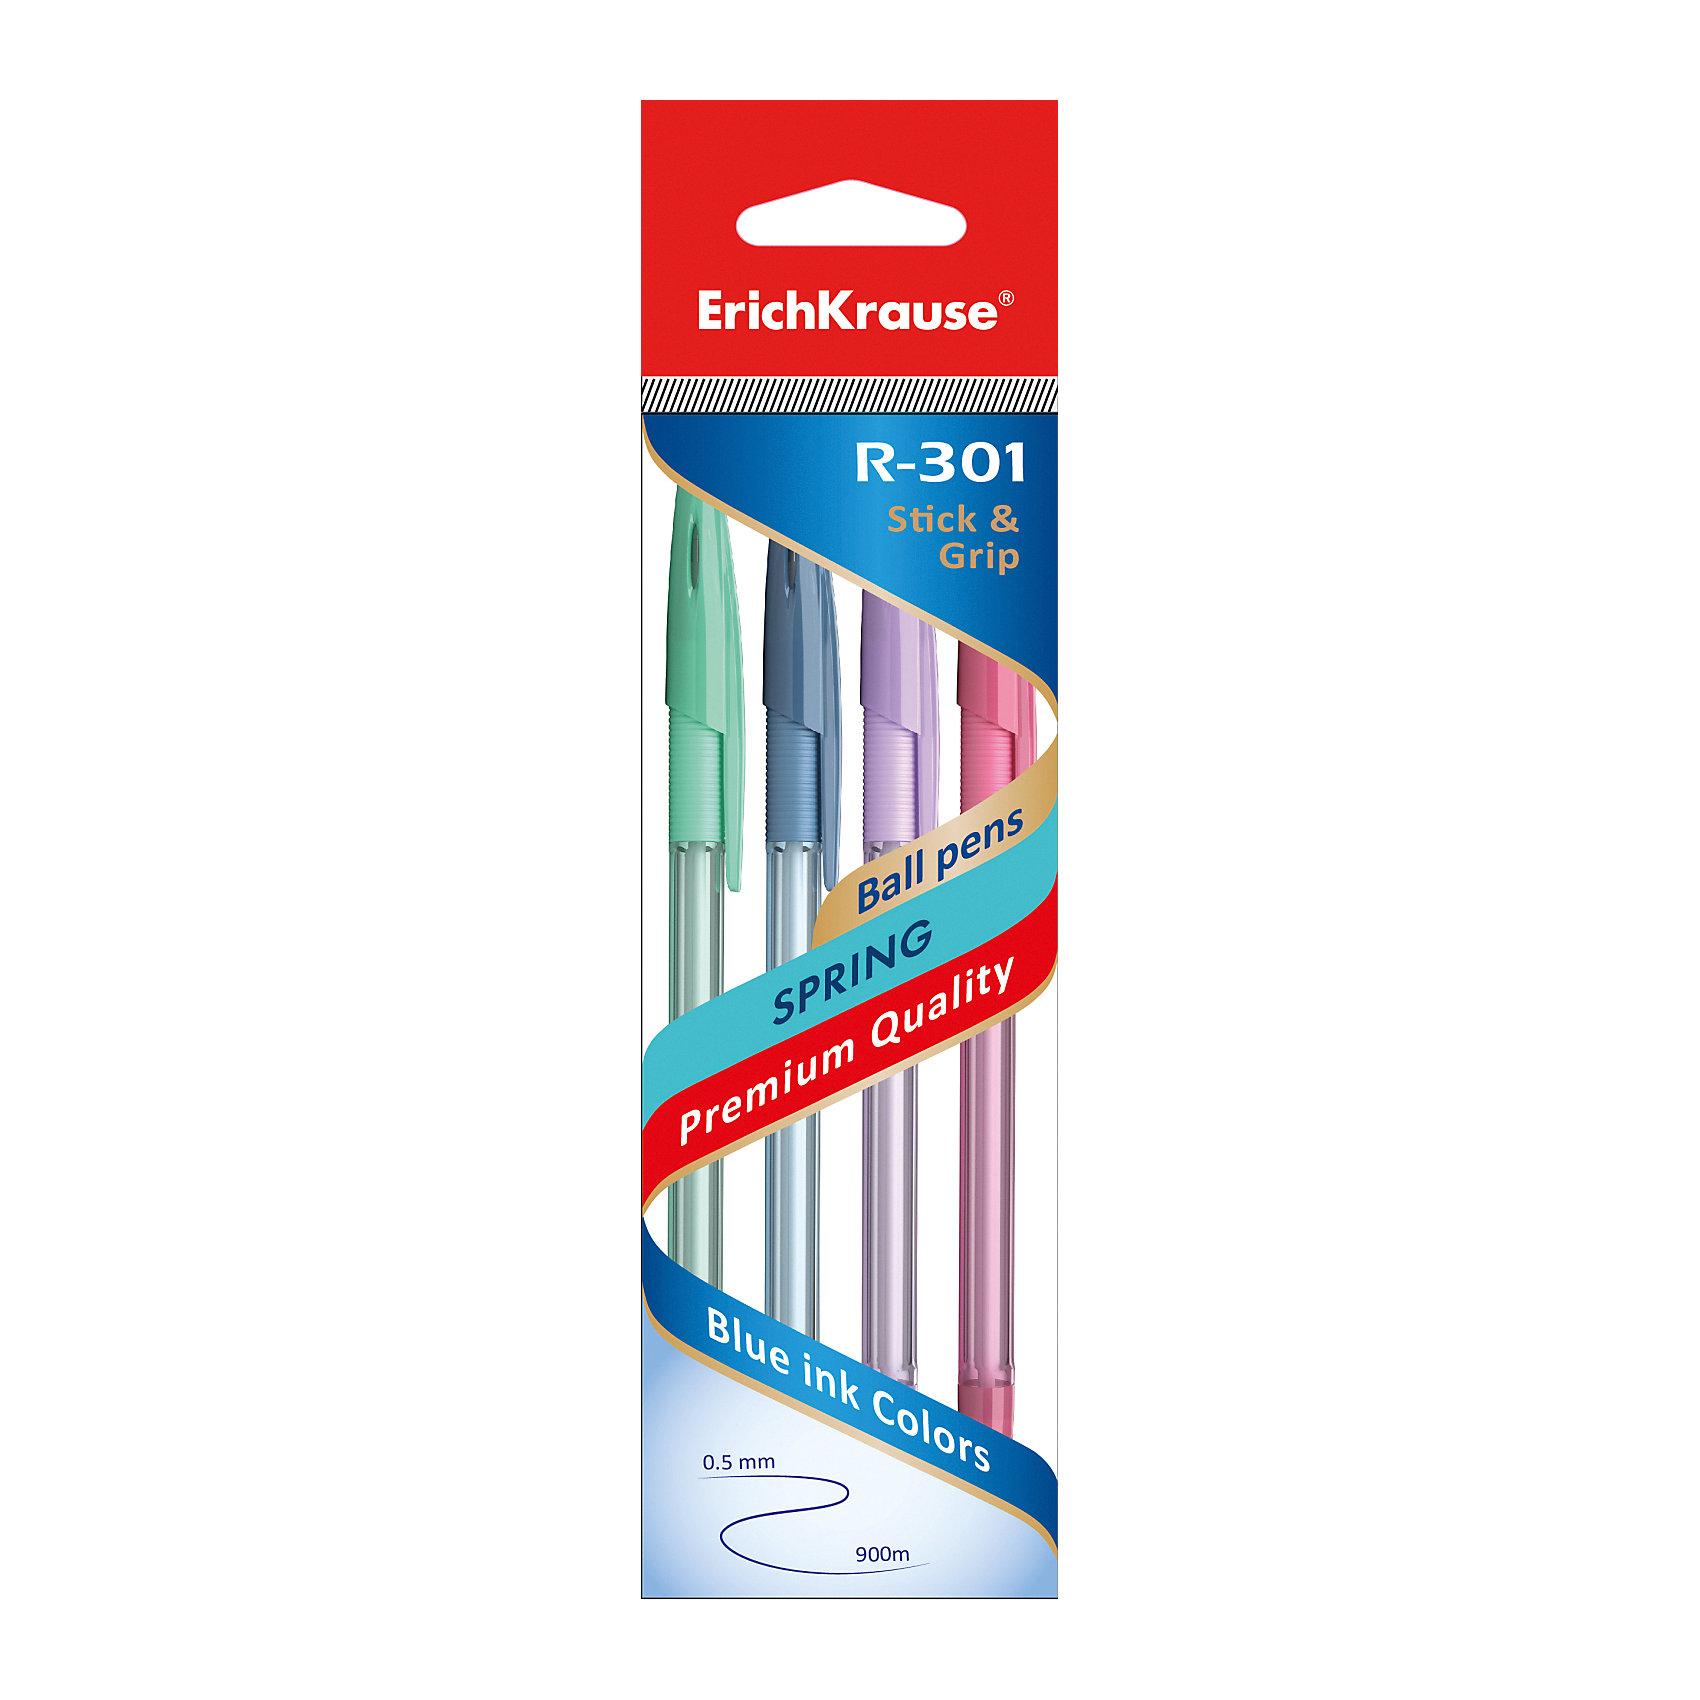 Erich Krause Ручка шариковая R-301 SPRING 0,7мм чернила синие Stick&amp;Grip в наборе из 4 штук (пакет)Письменные принадлежности<br><br><br>Ширина мм: 200<br>Глубина мм: 60<br>Высота мм: 15<br>Вес г: 31<br>Возраст от месяцев: 84<br>Возраст до месяцев: 2147483647<br>Пол: Унисекс<br>Возраст: Детский<br>SKU: 6878967